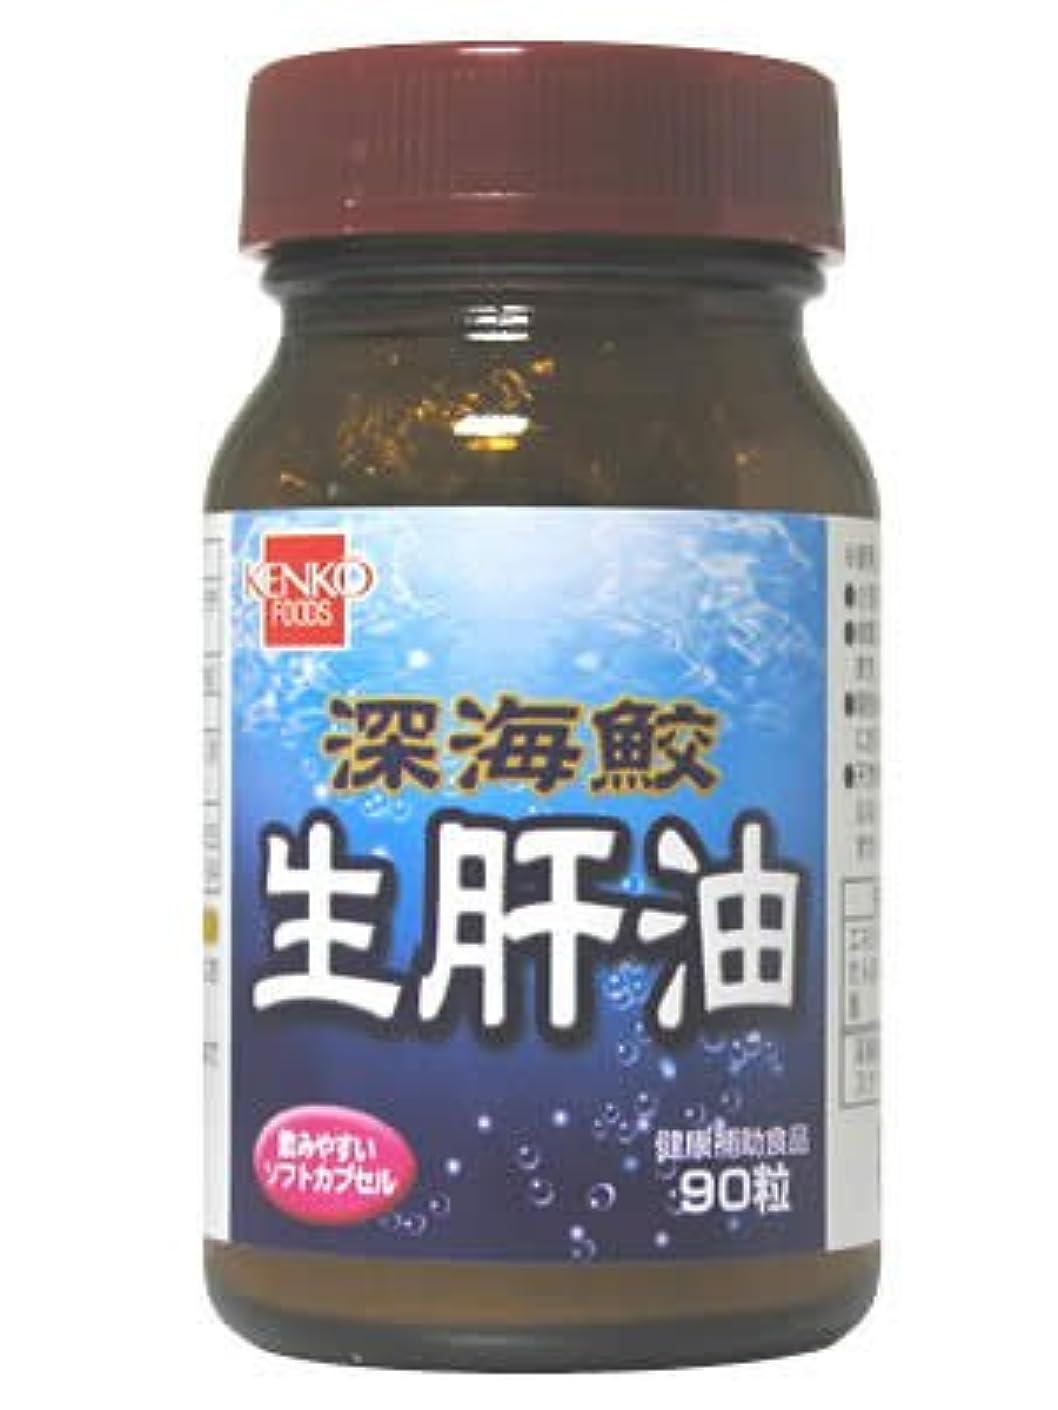 フリンジ条件付き仮称健康フーズ 深海鮫生肝油 90粒